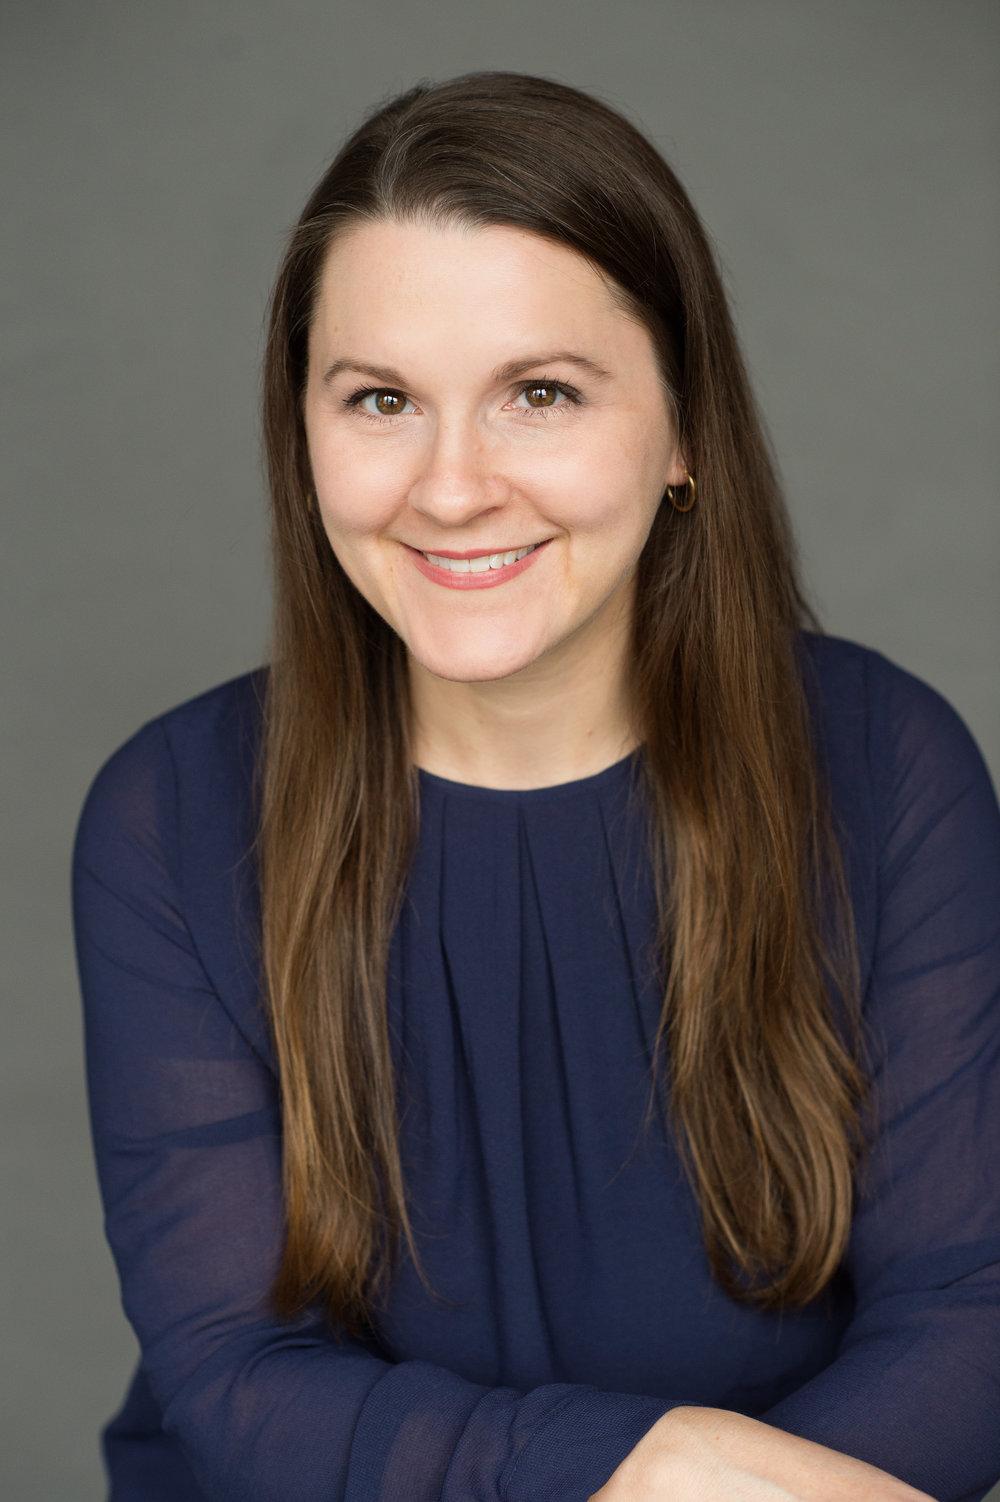 Tami Roberts, M.D., Dallas Direct Primary Care